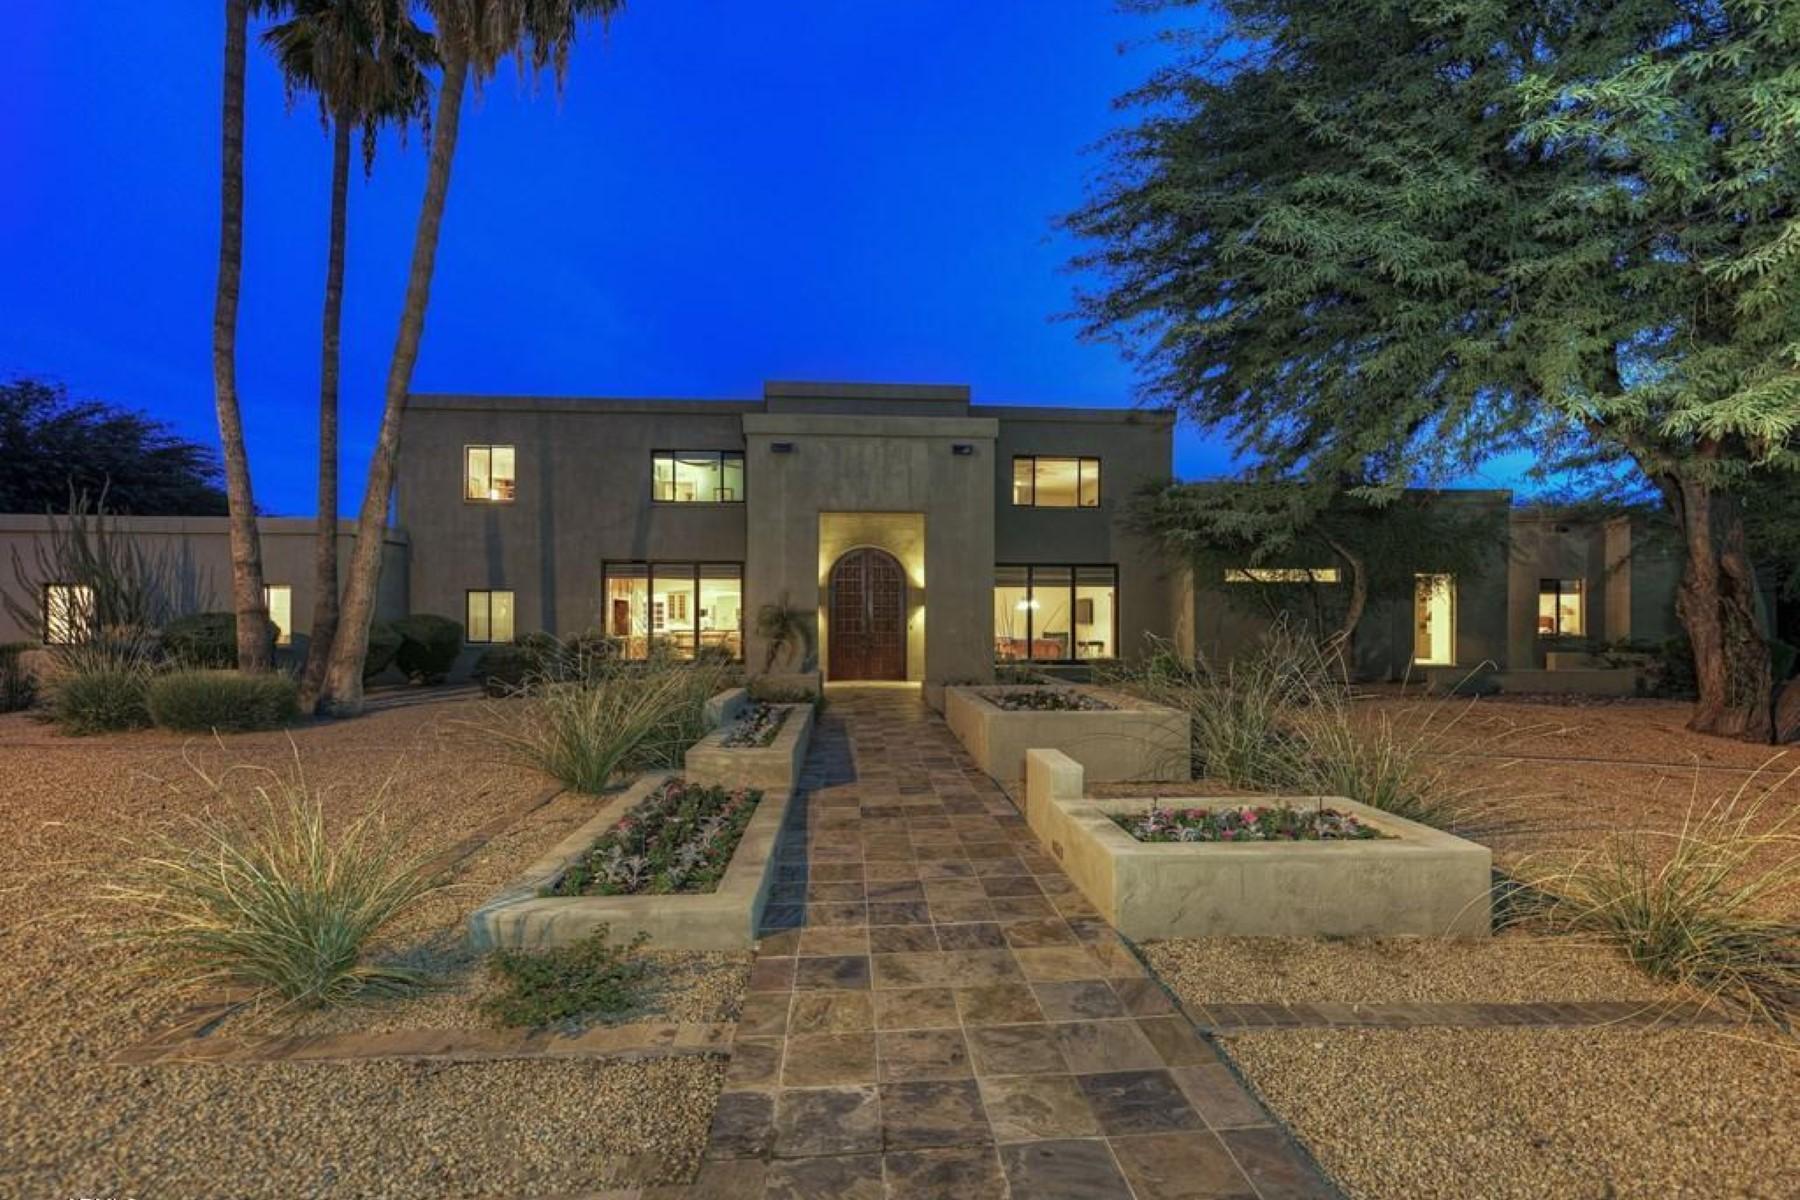 Casa Unifamiliar por un Venta en Exquisite, contemporary remodel on interior cul-de-sac lot 6039 E LAUREL LN Scottsdale, Arizona 85254 Estados Unidos